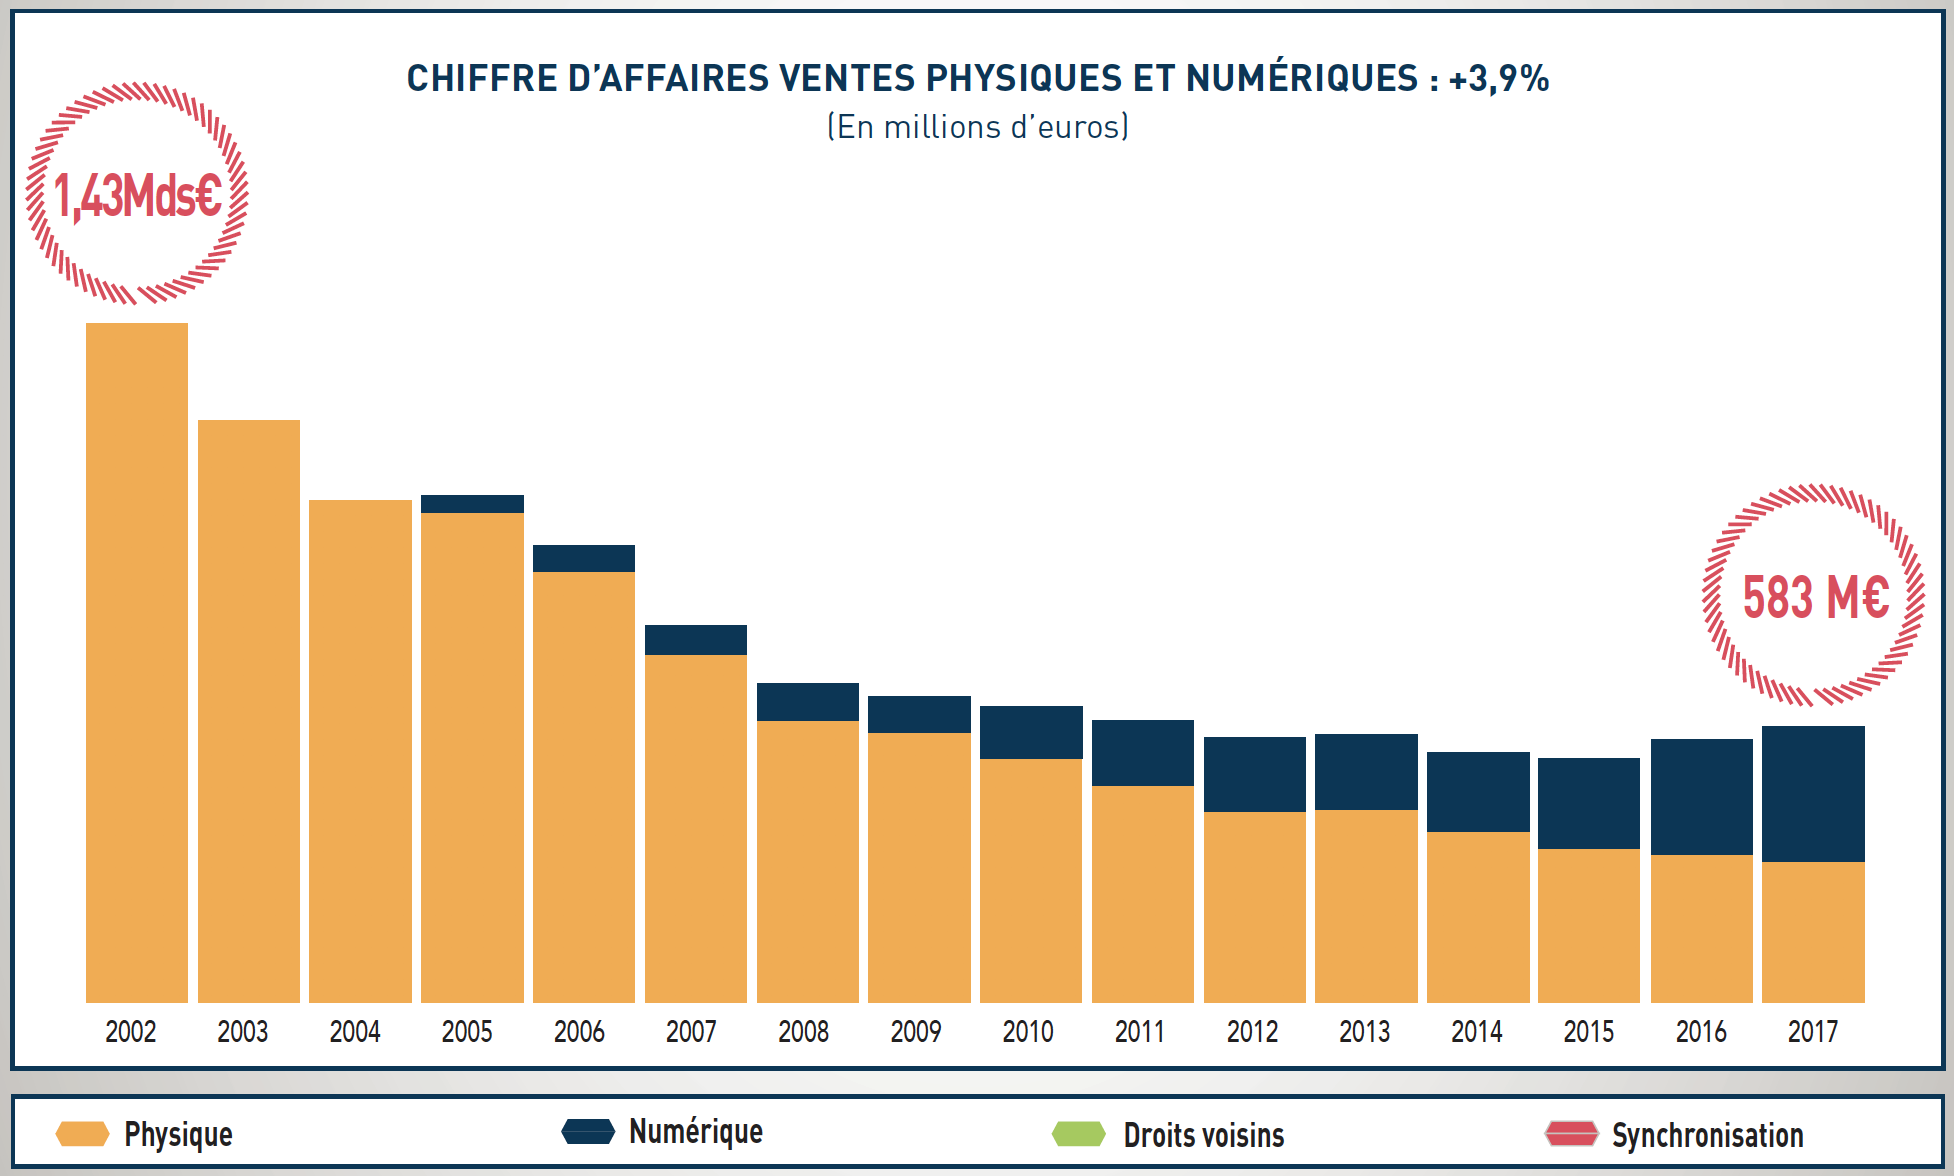 Marché français de la musique enregistrée 2017 : deuxième année consécutive de croissance depuis 15 ans